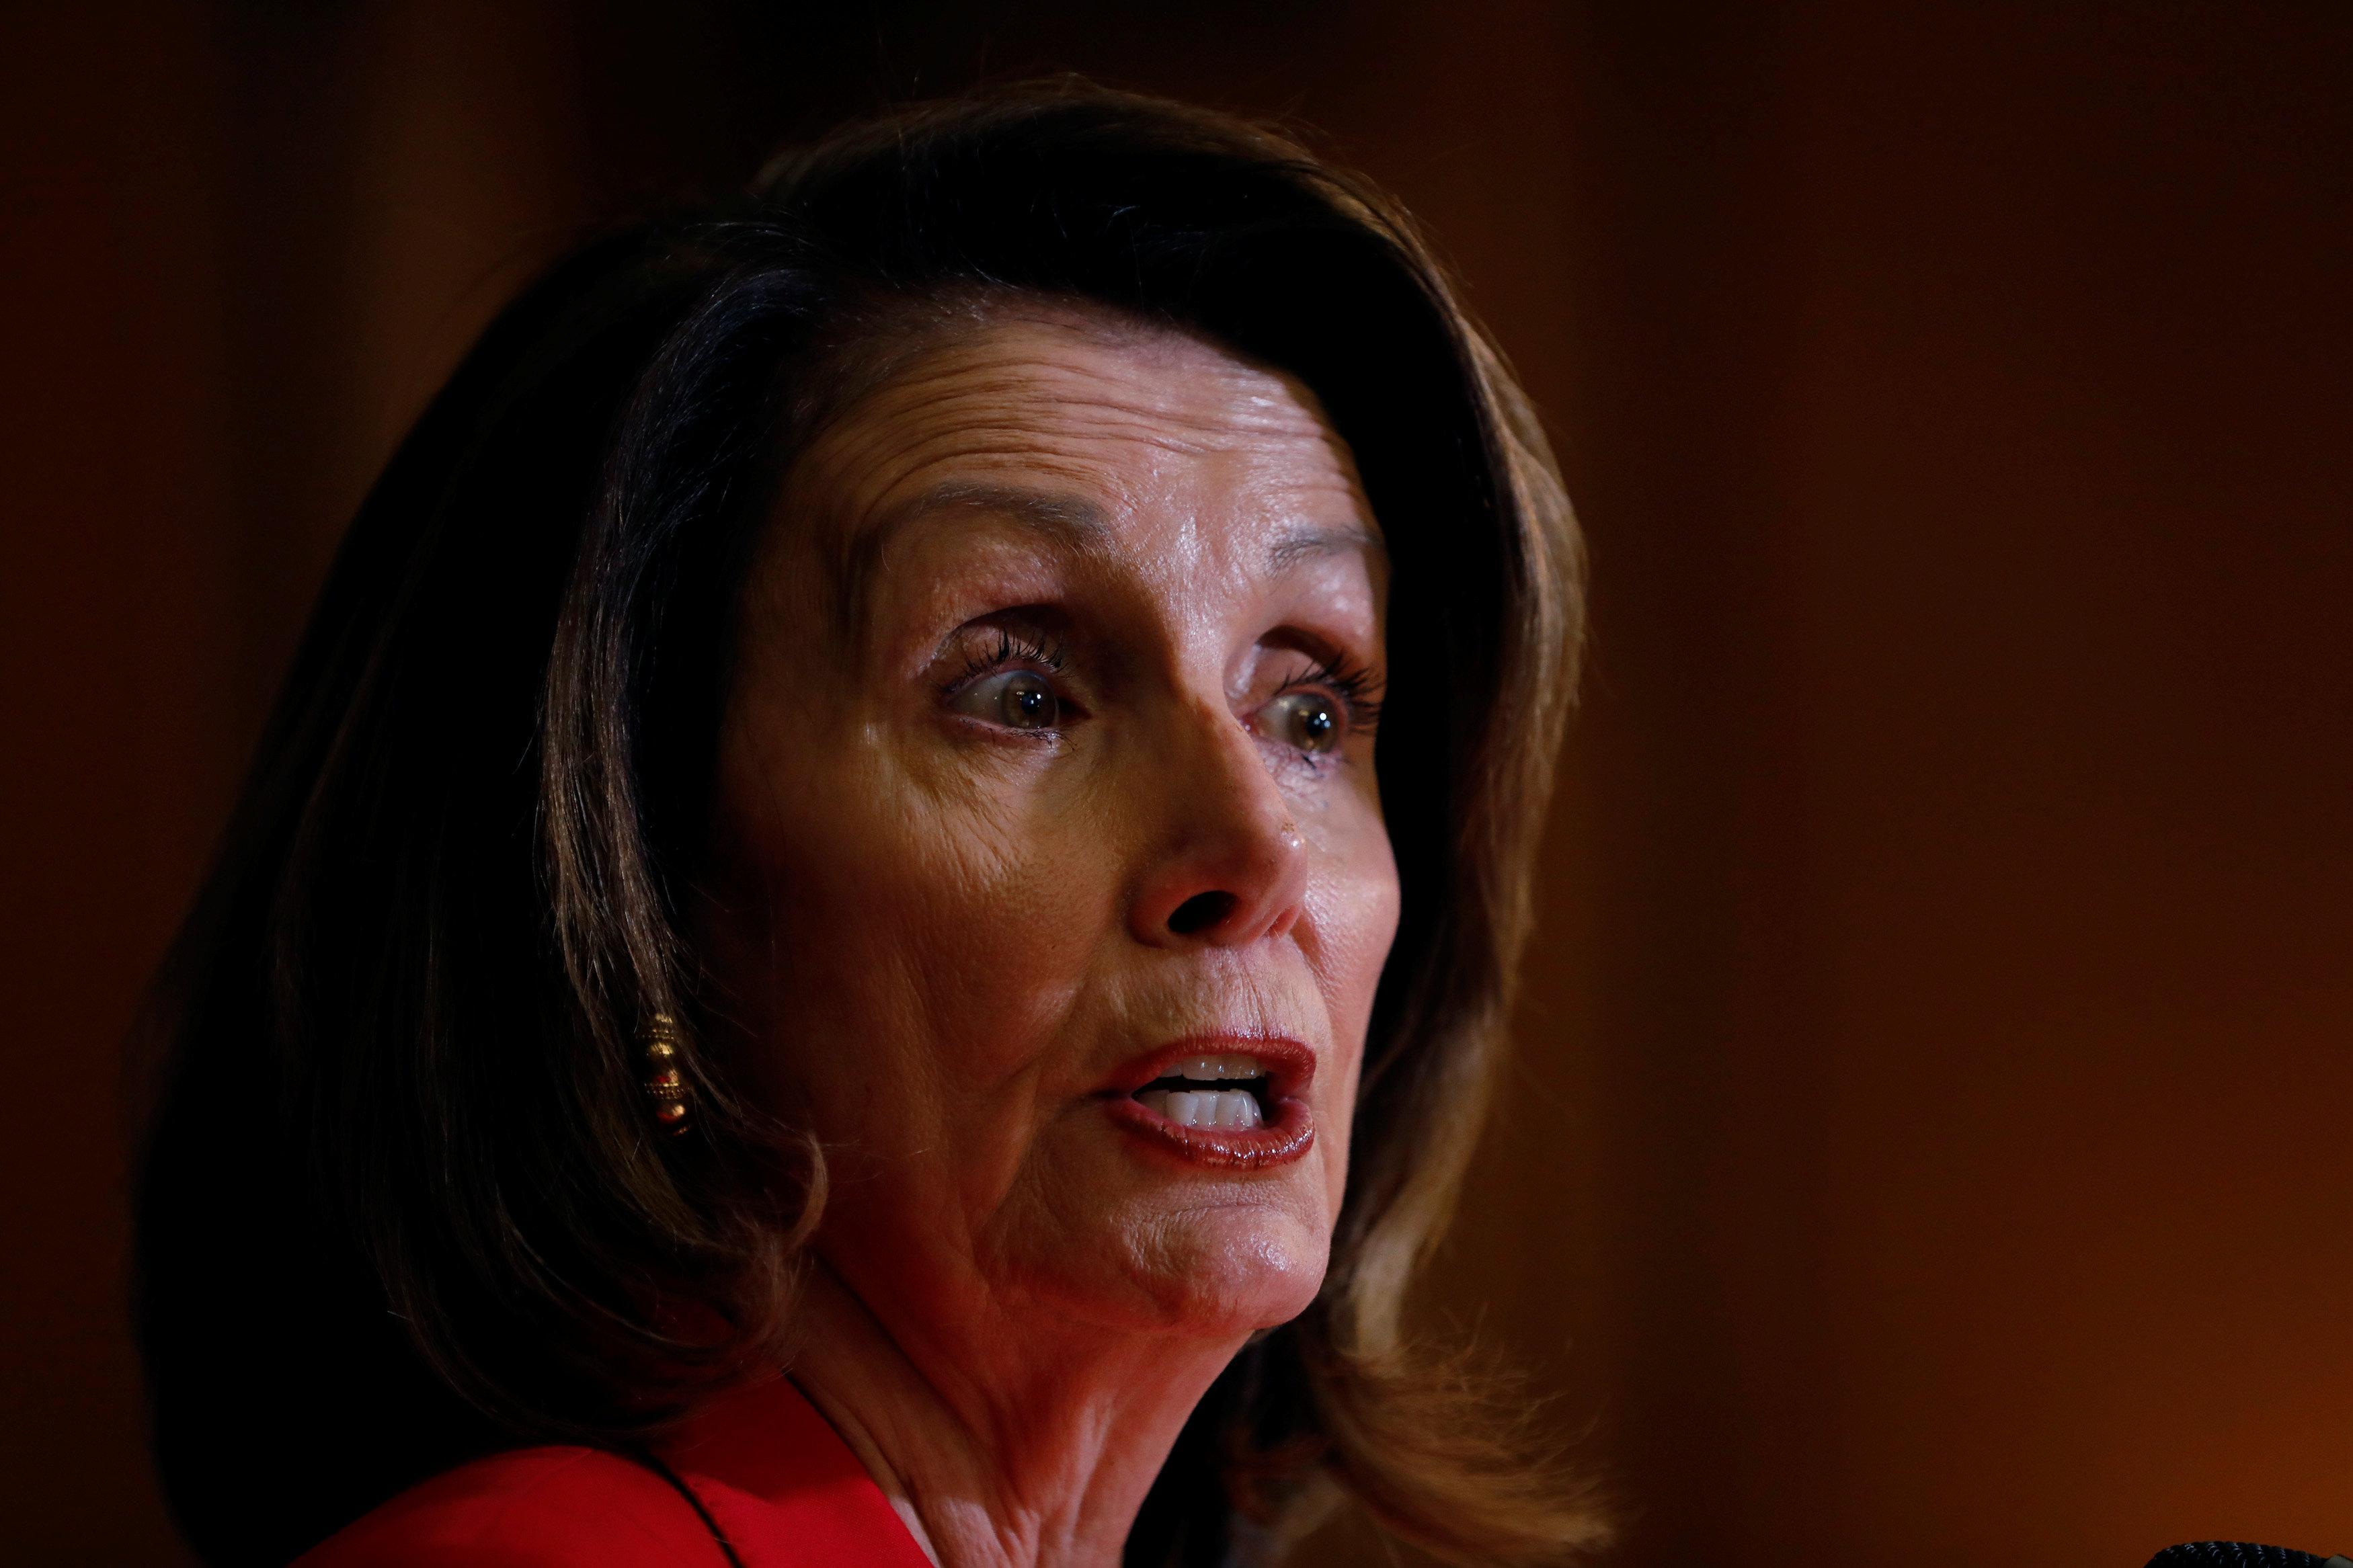 众议院民主党领袖表示众议院民主党将继续对俄罗斯进行调查